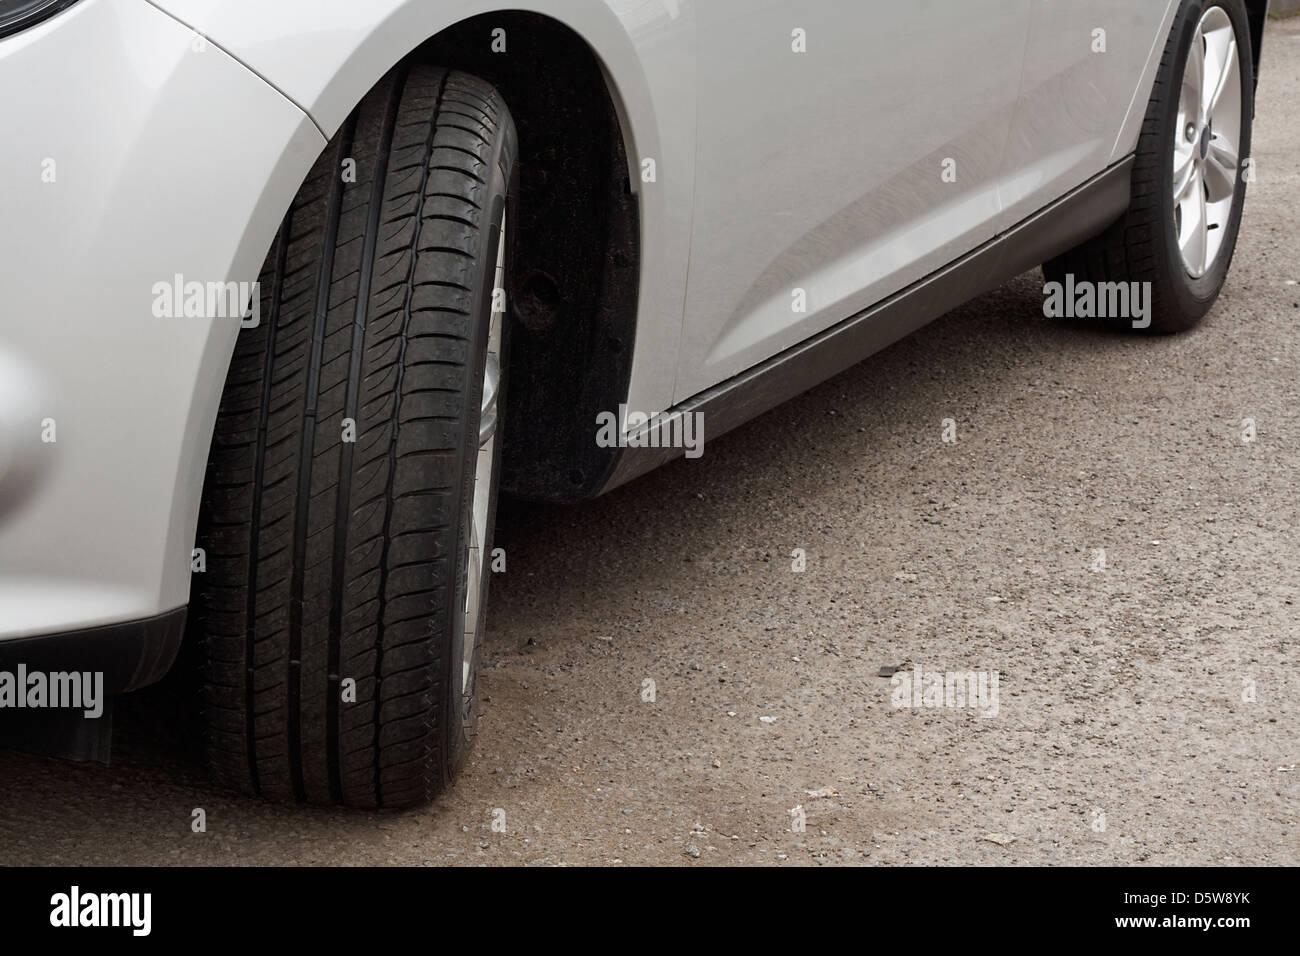 Toute nouvelle série de pneus non portés sur un véhicule à moteur ou en voiture Banque D'Images